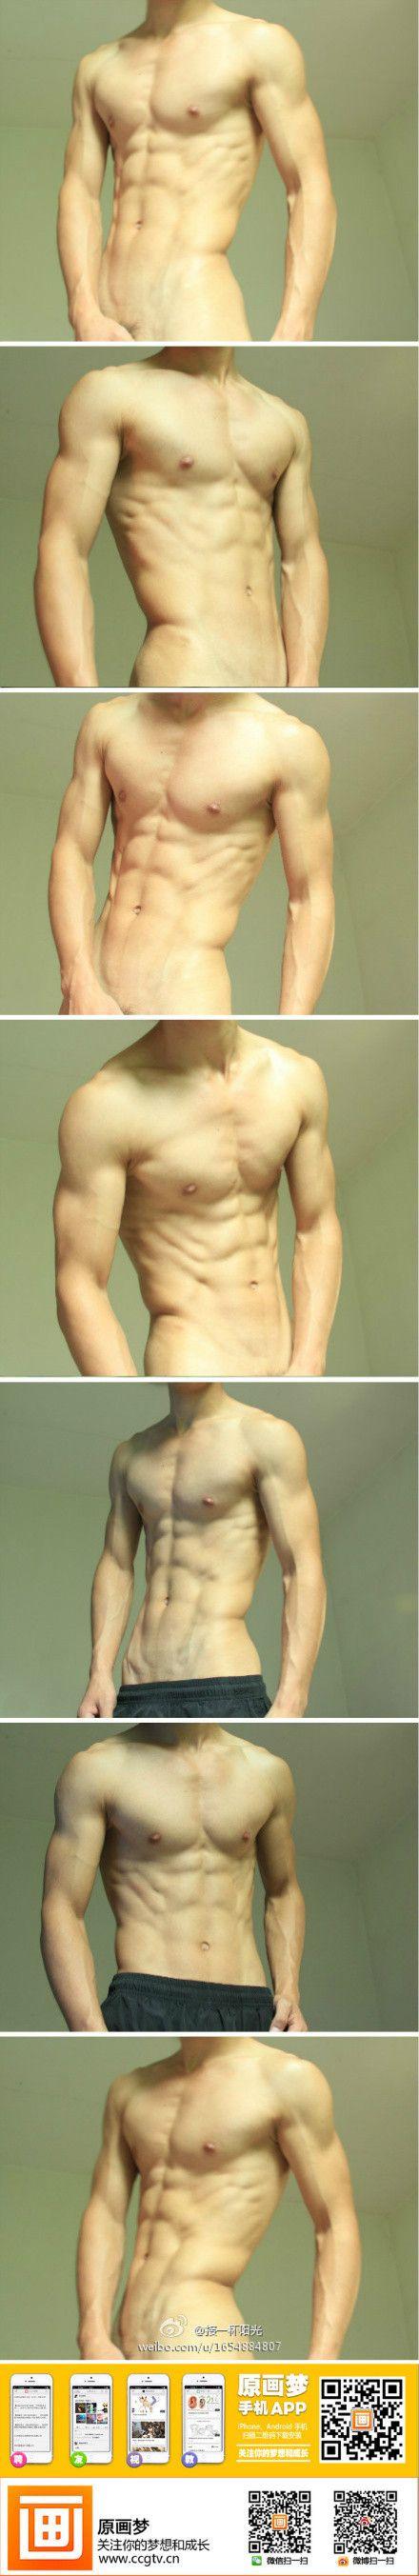 男性、筋肉